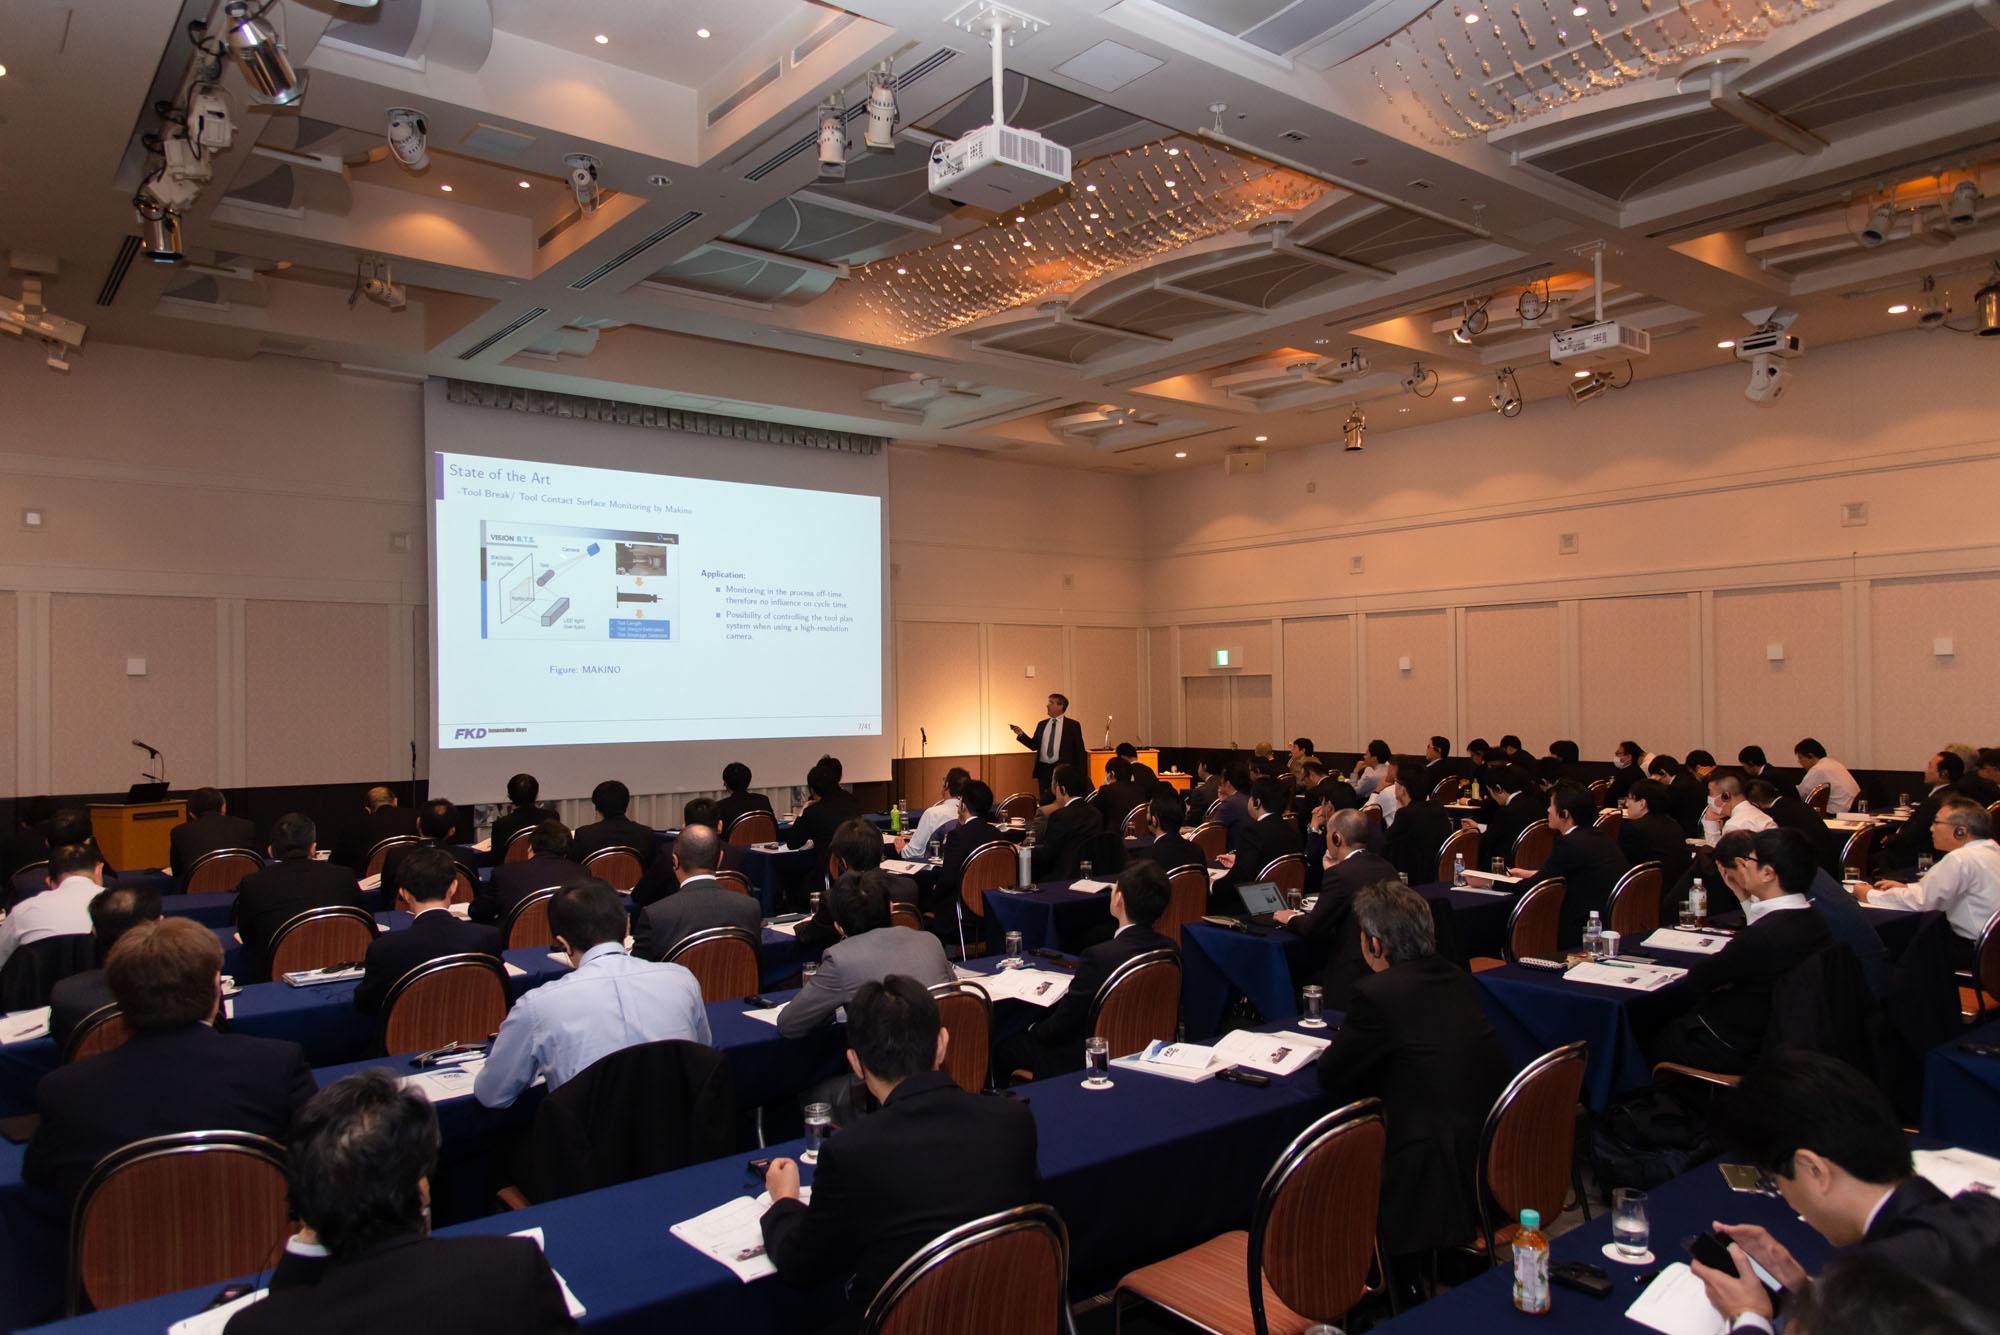 OTT-JAKOB - Unternehmen - Bild - OTT-JAKOB beteiligt sich an Innovation Days in Tokio